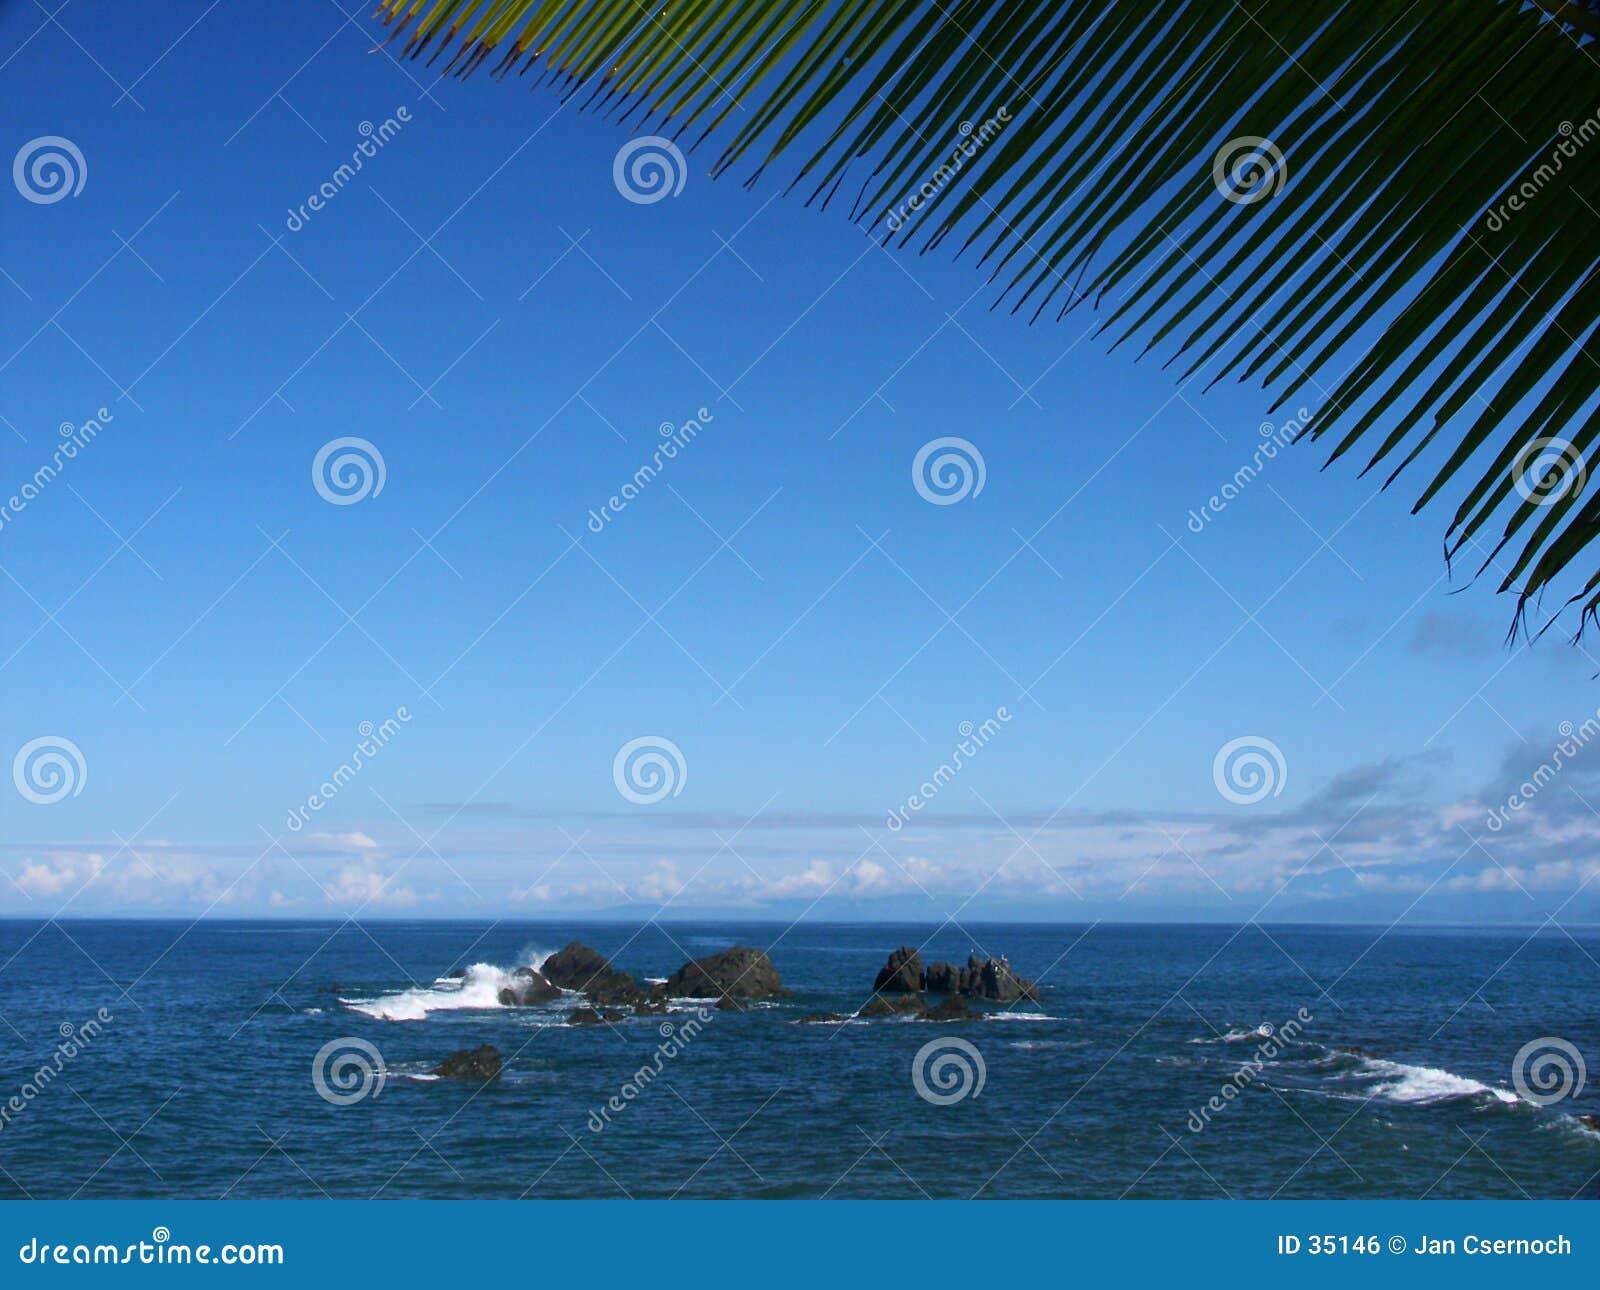 Download Rock Palmtree Seaview Liści Zdjęcie Stock - Obraz złożonej z horyzont, woda: 35146